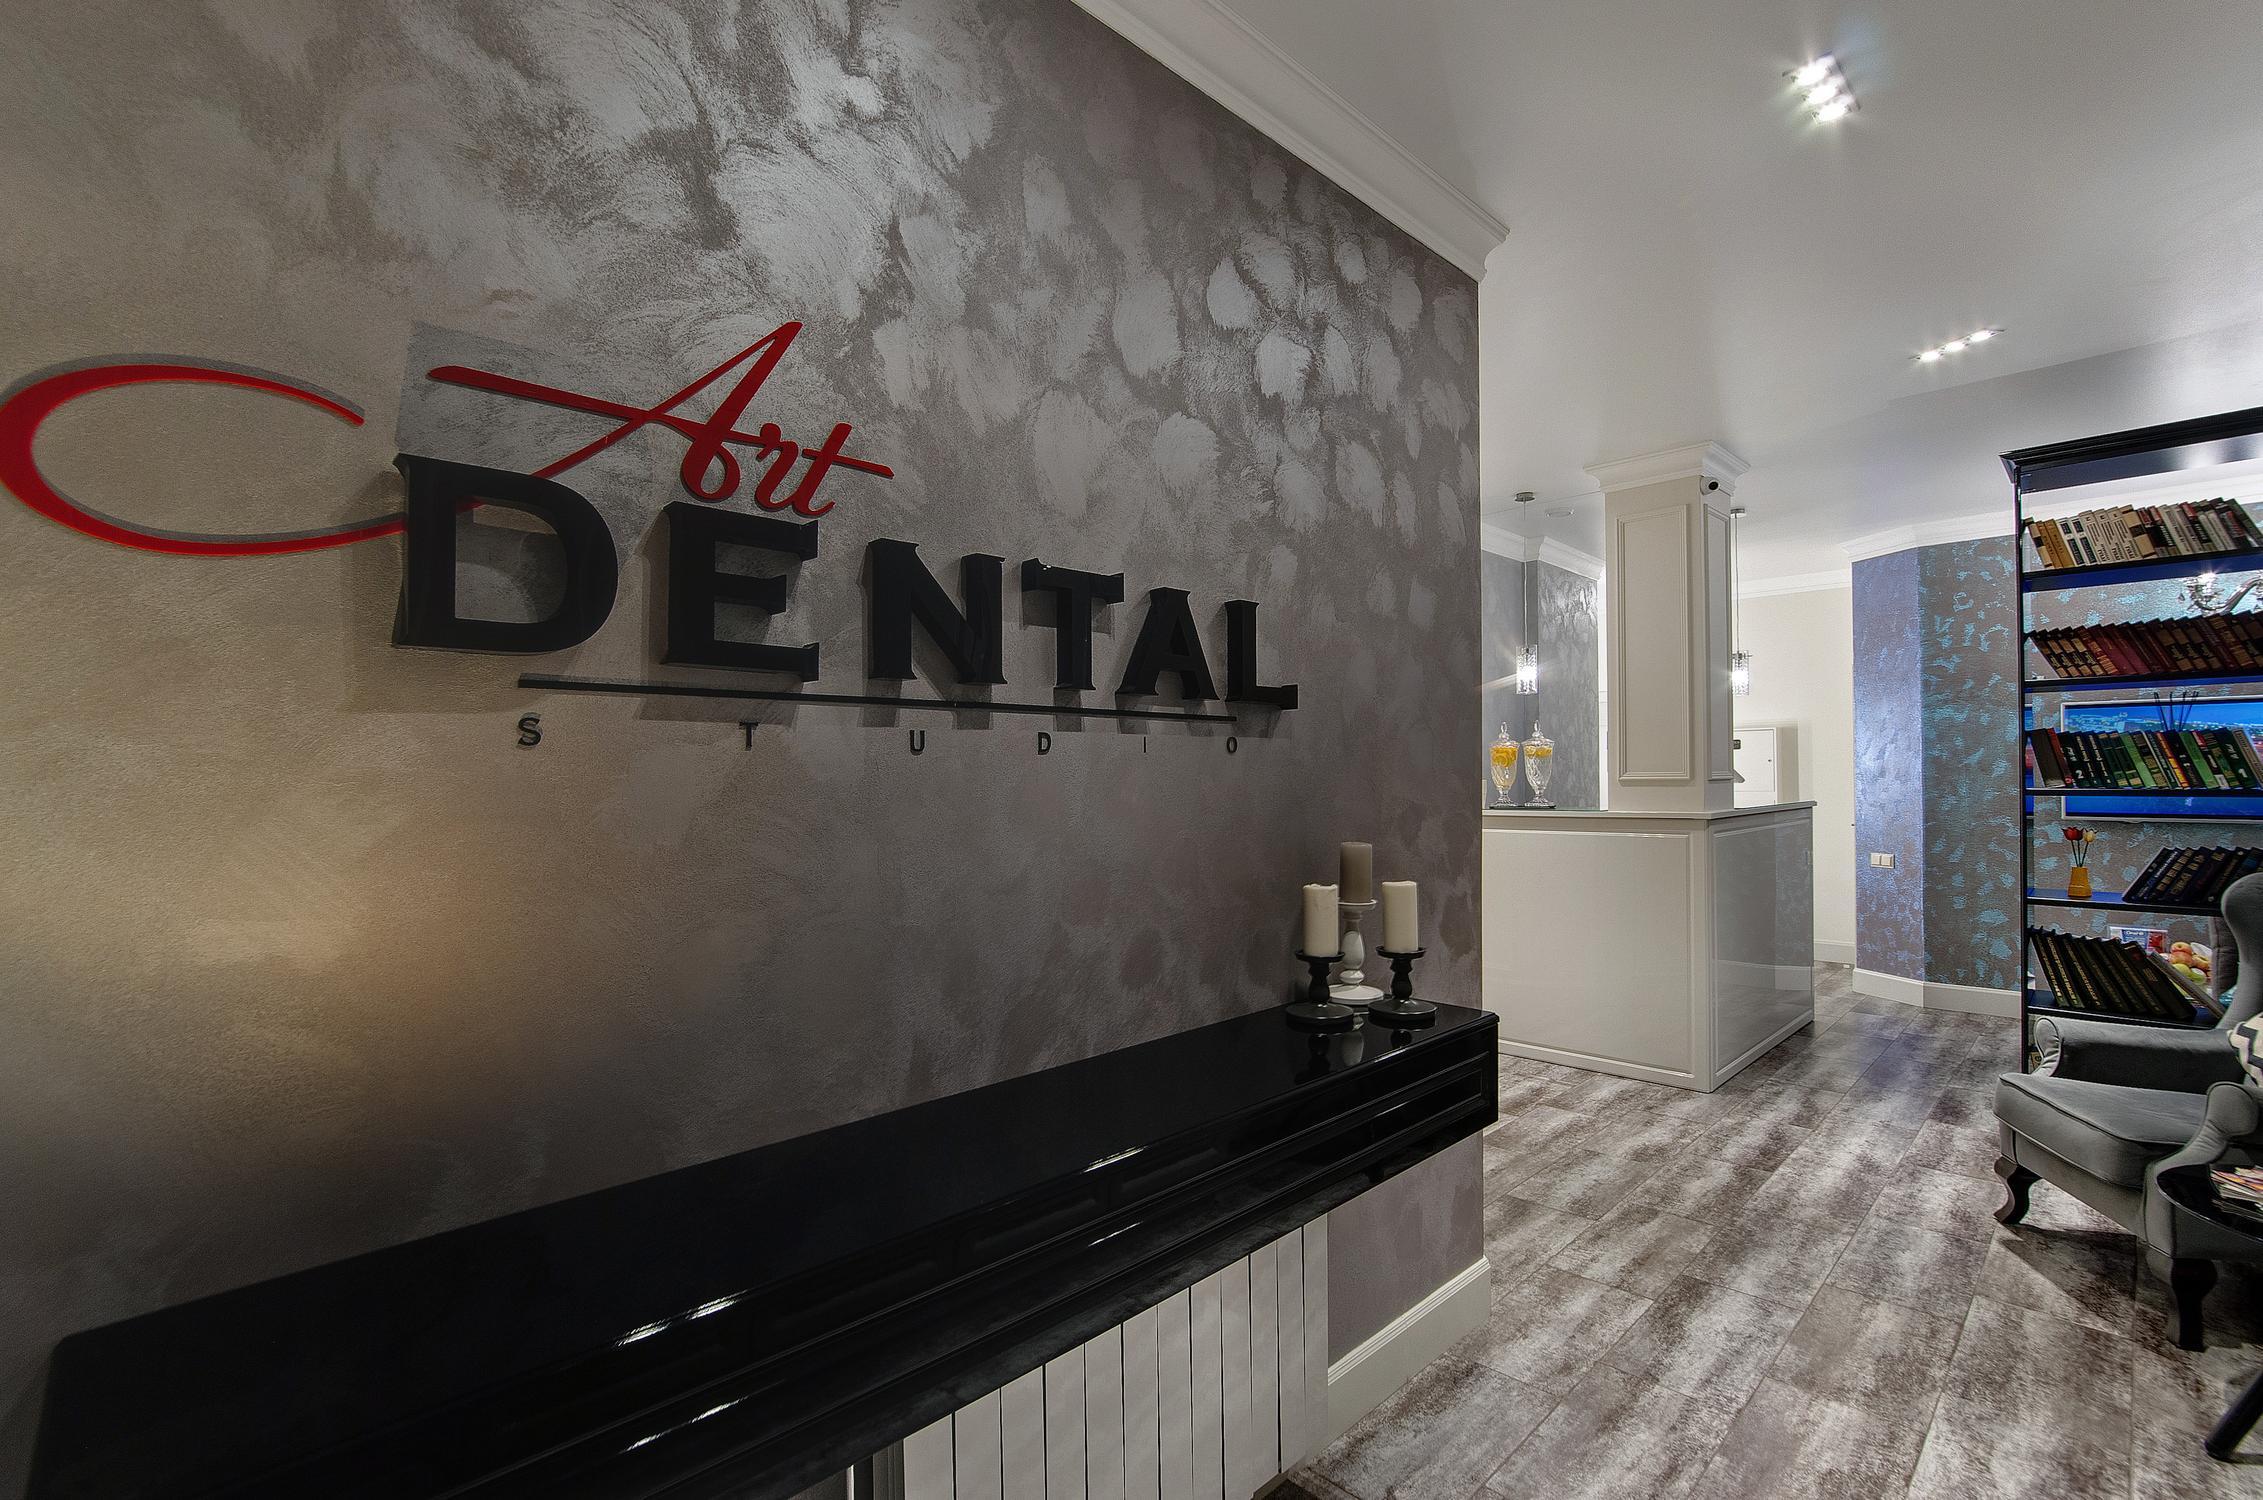 фотография Стоматологии Art Dental Studio на улице Маршала Тухачевского, 58 к 3